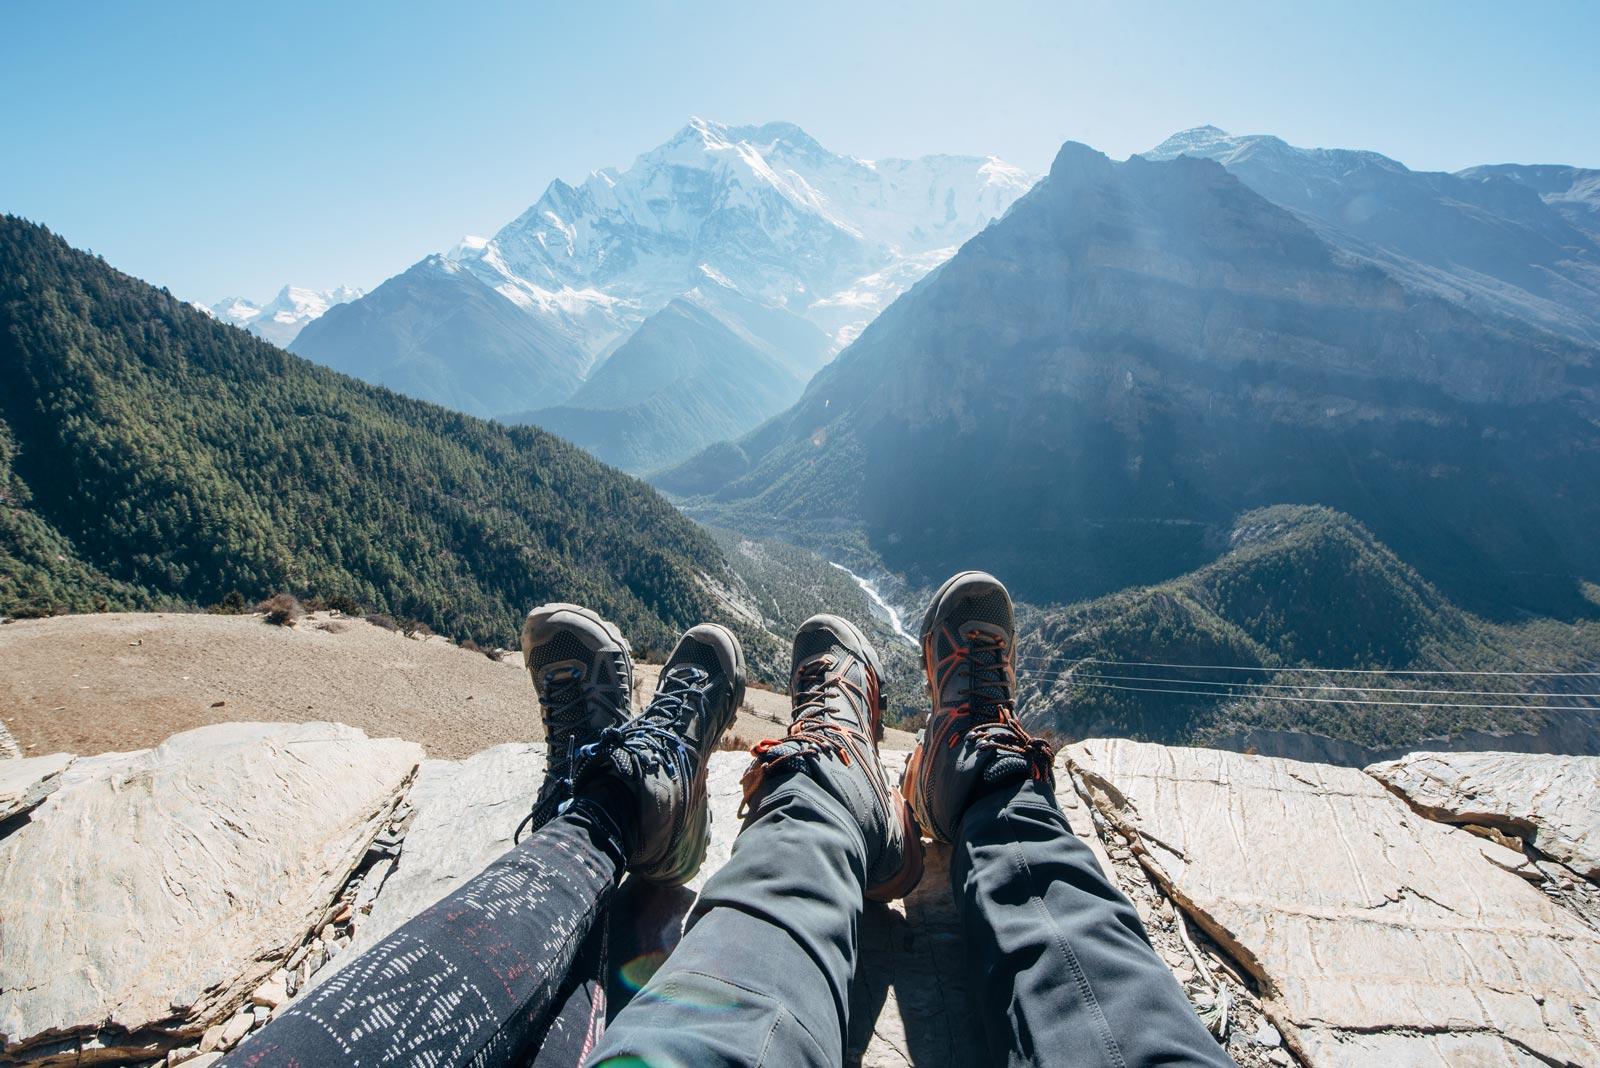 quelles chaussures pour un trek au nepal?